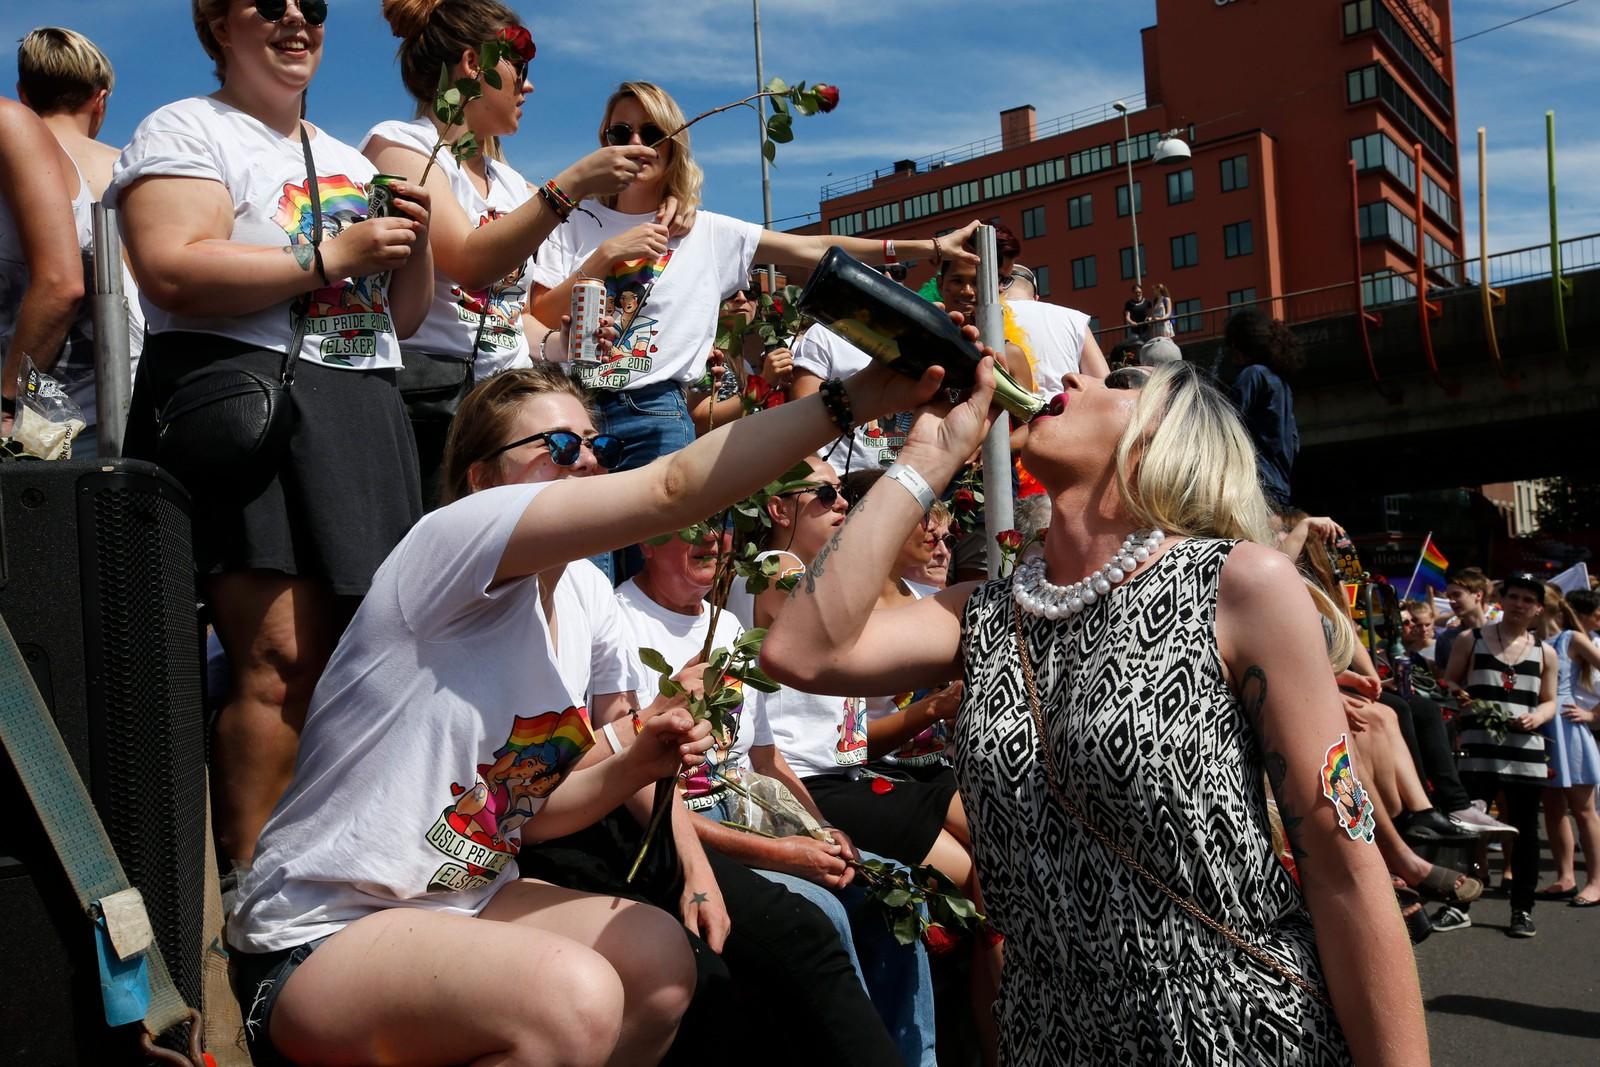 Homofile, lesbiske, transpersoner og støttespillere deltok under lørdagens Pride-parade gjennom Grønland i Oslo.